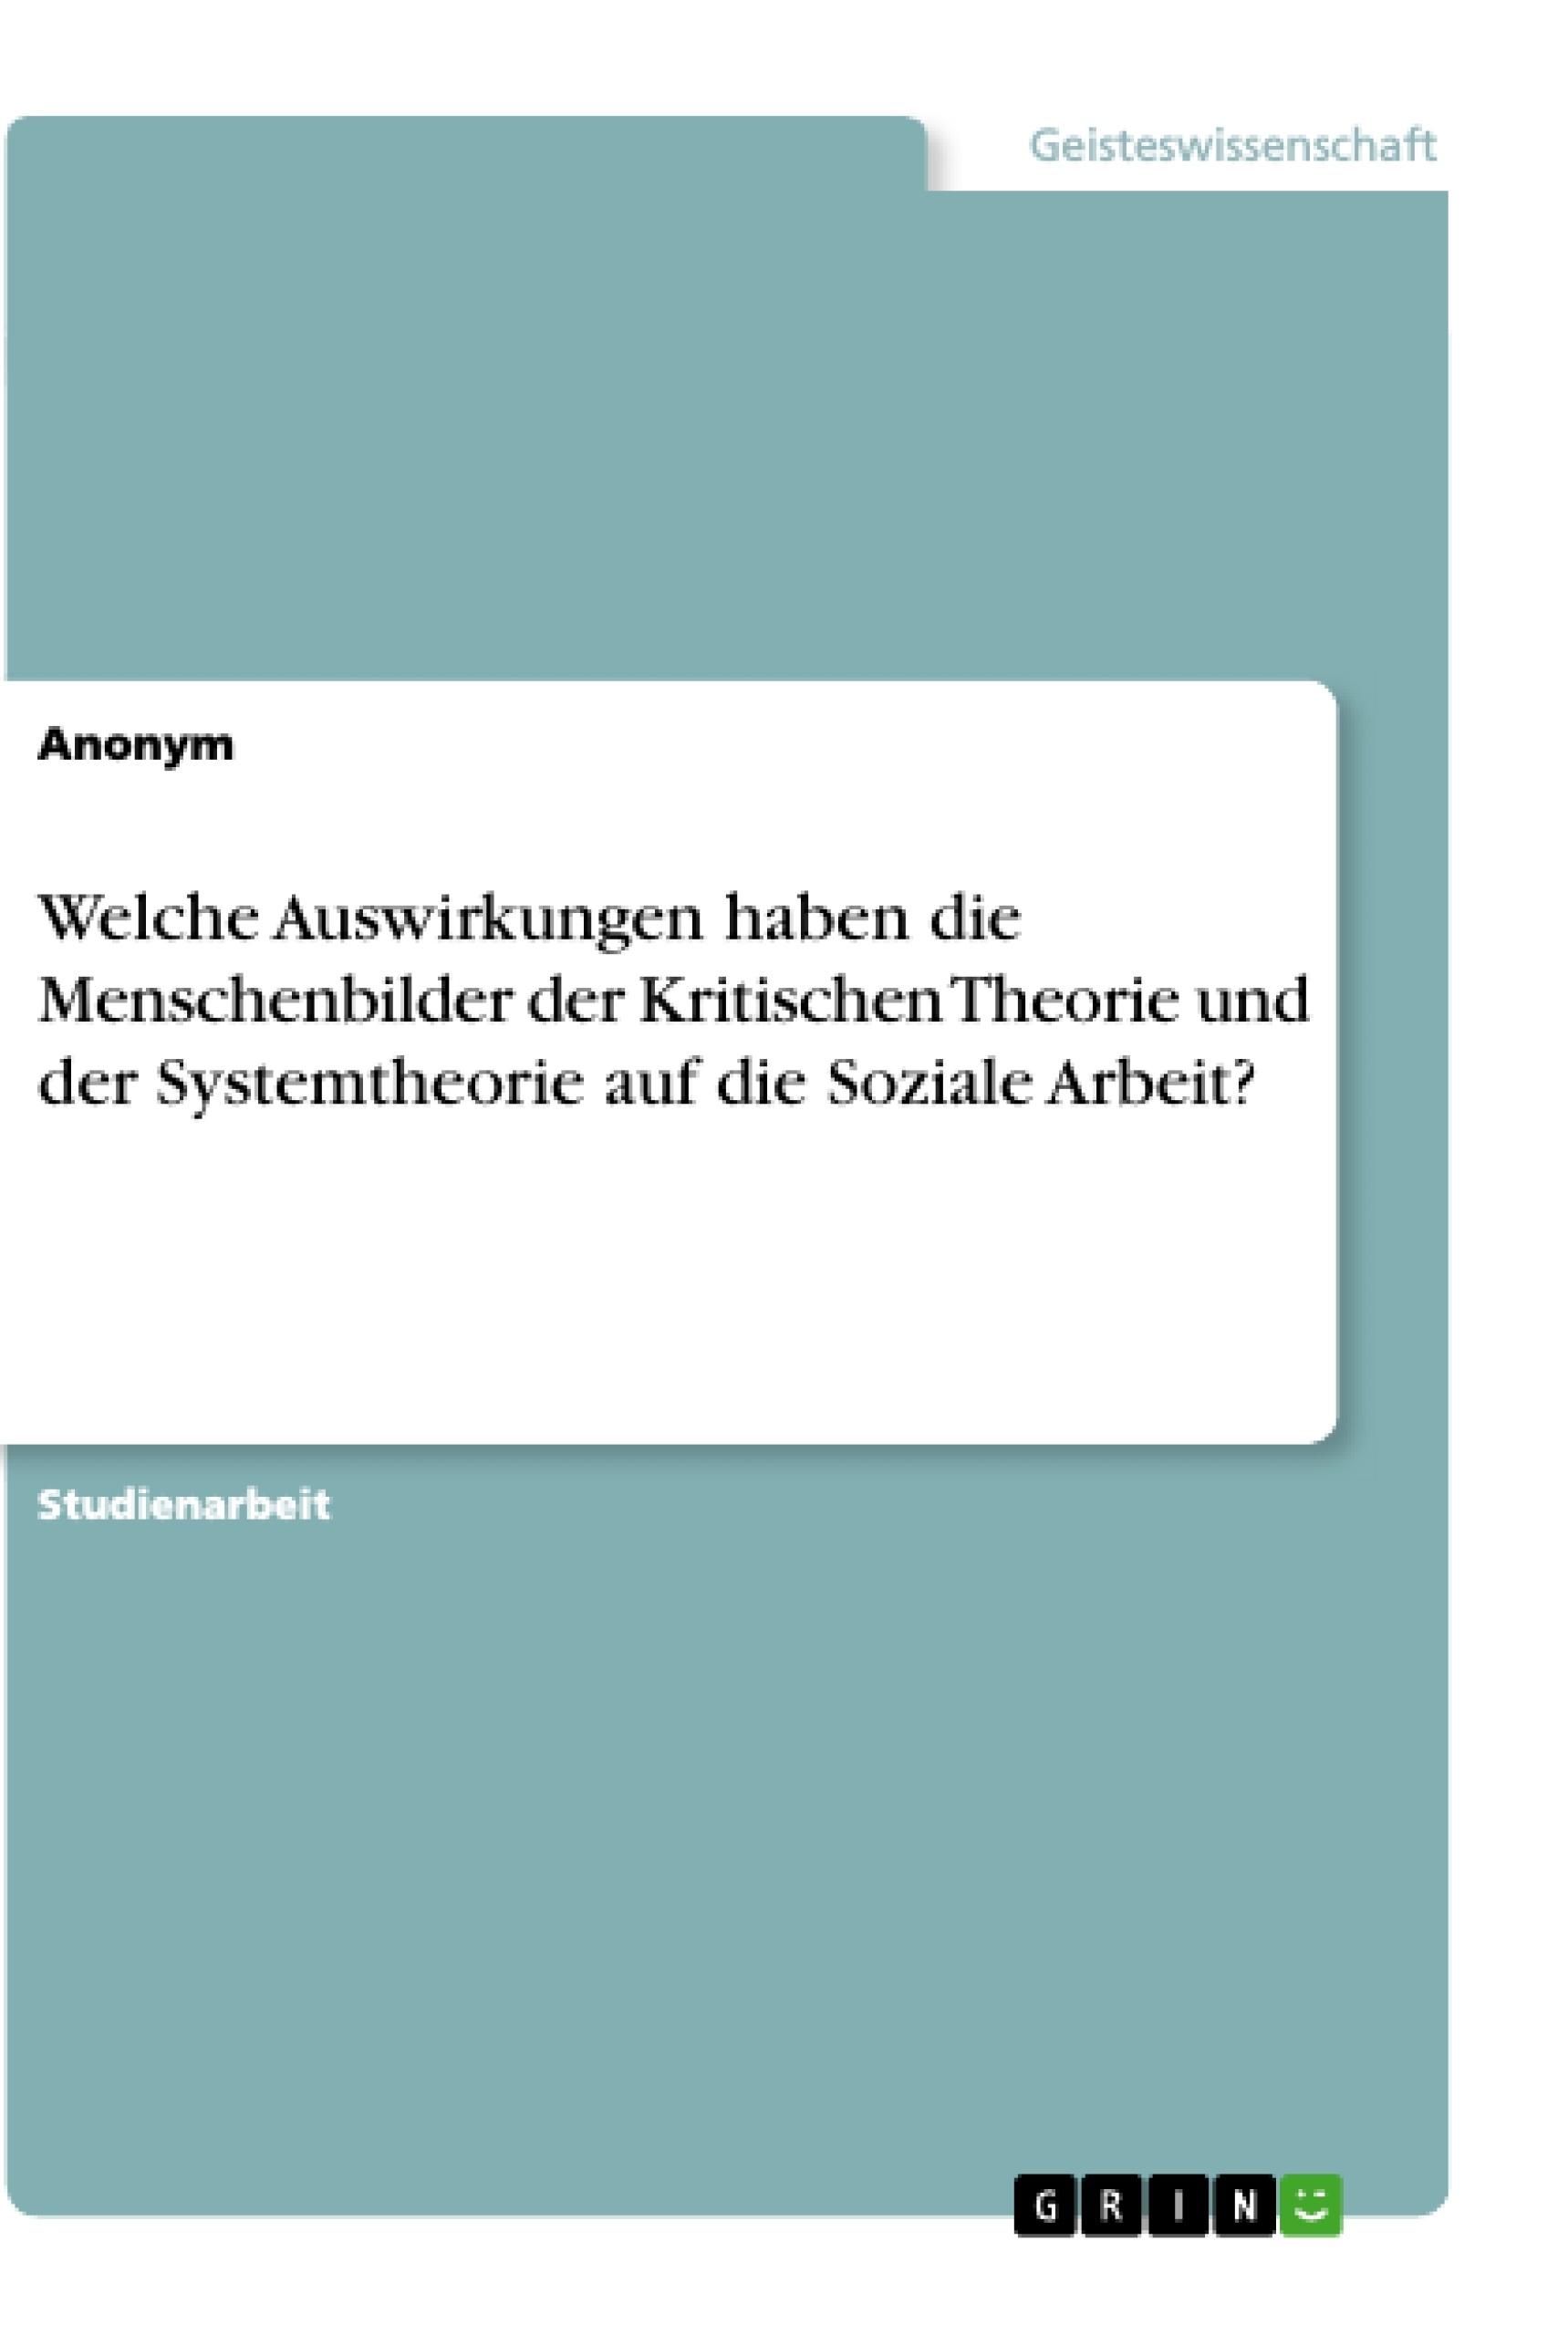 Titel: Welche Auswirkungen haben die Menschenbilder der Kritischen Theorie und der Systemtheorie auf die Soziale Arbeit?